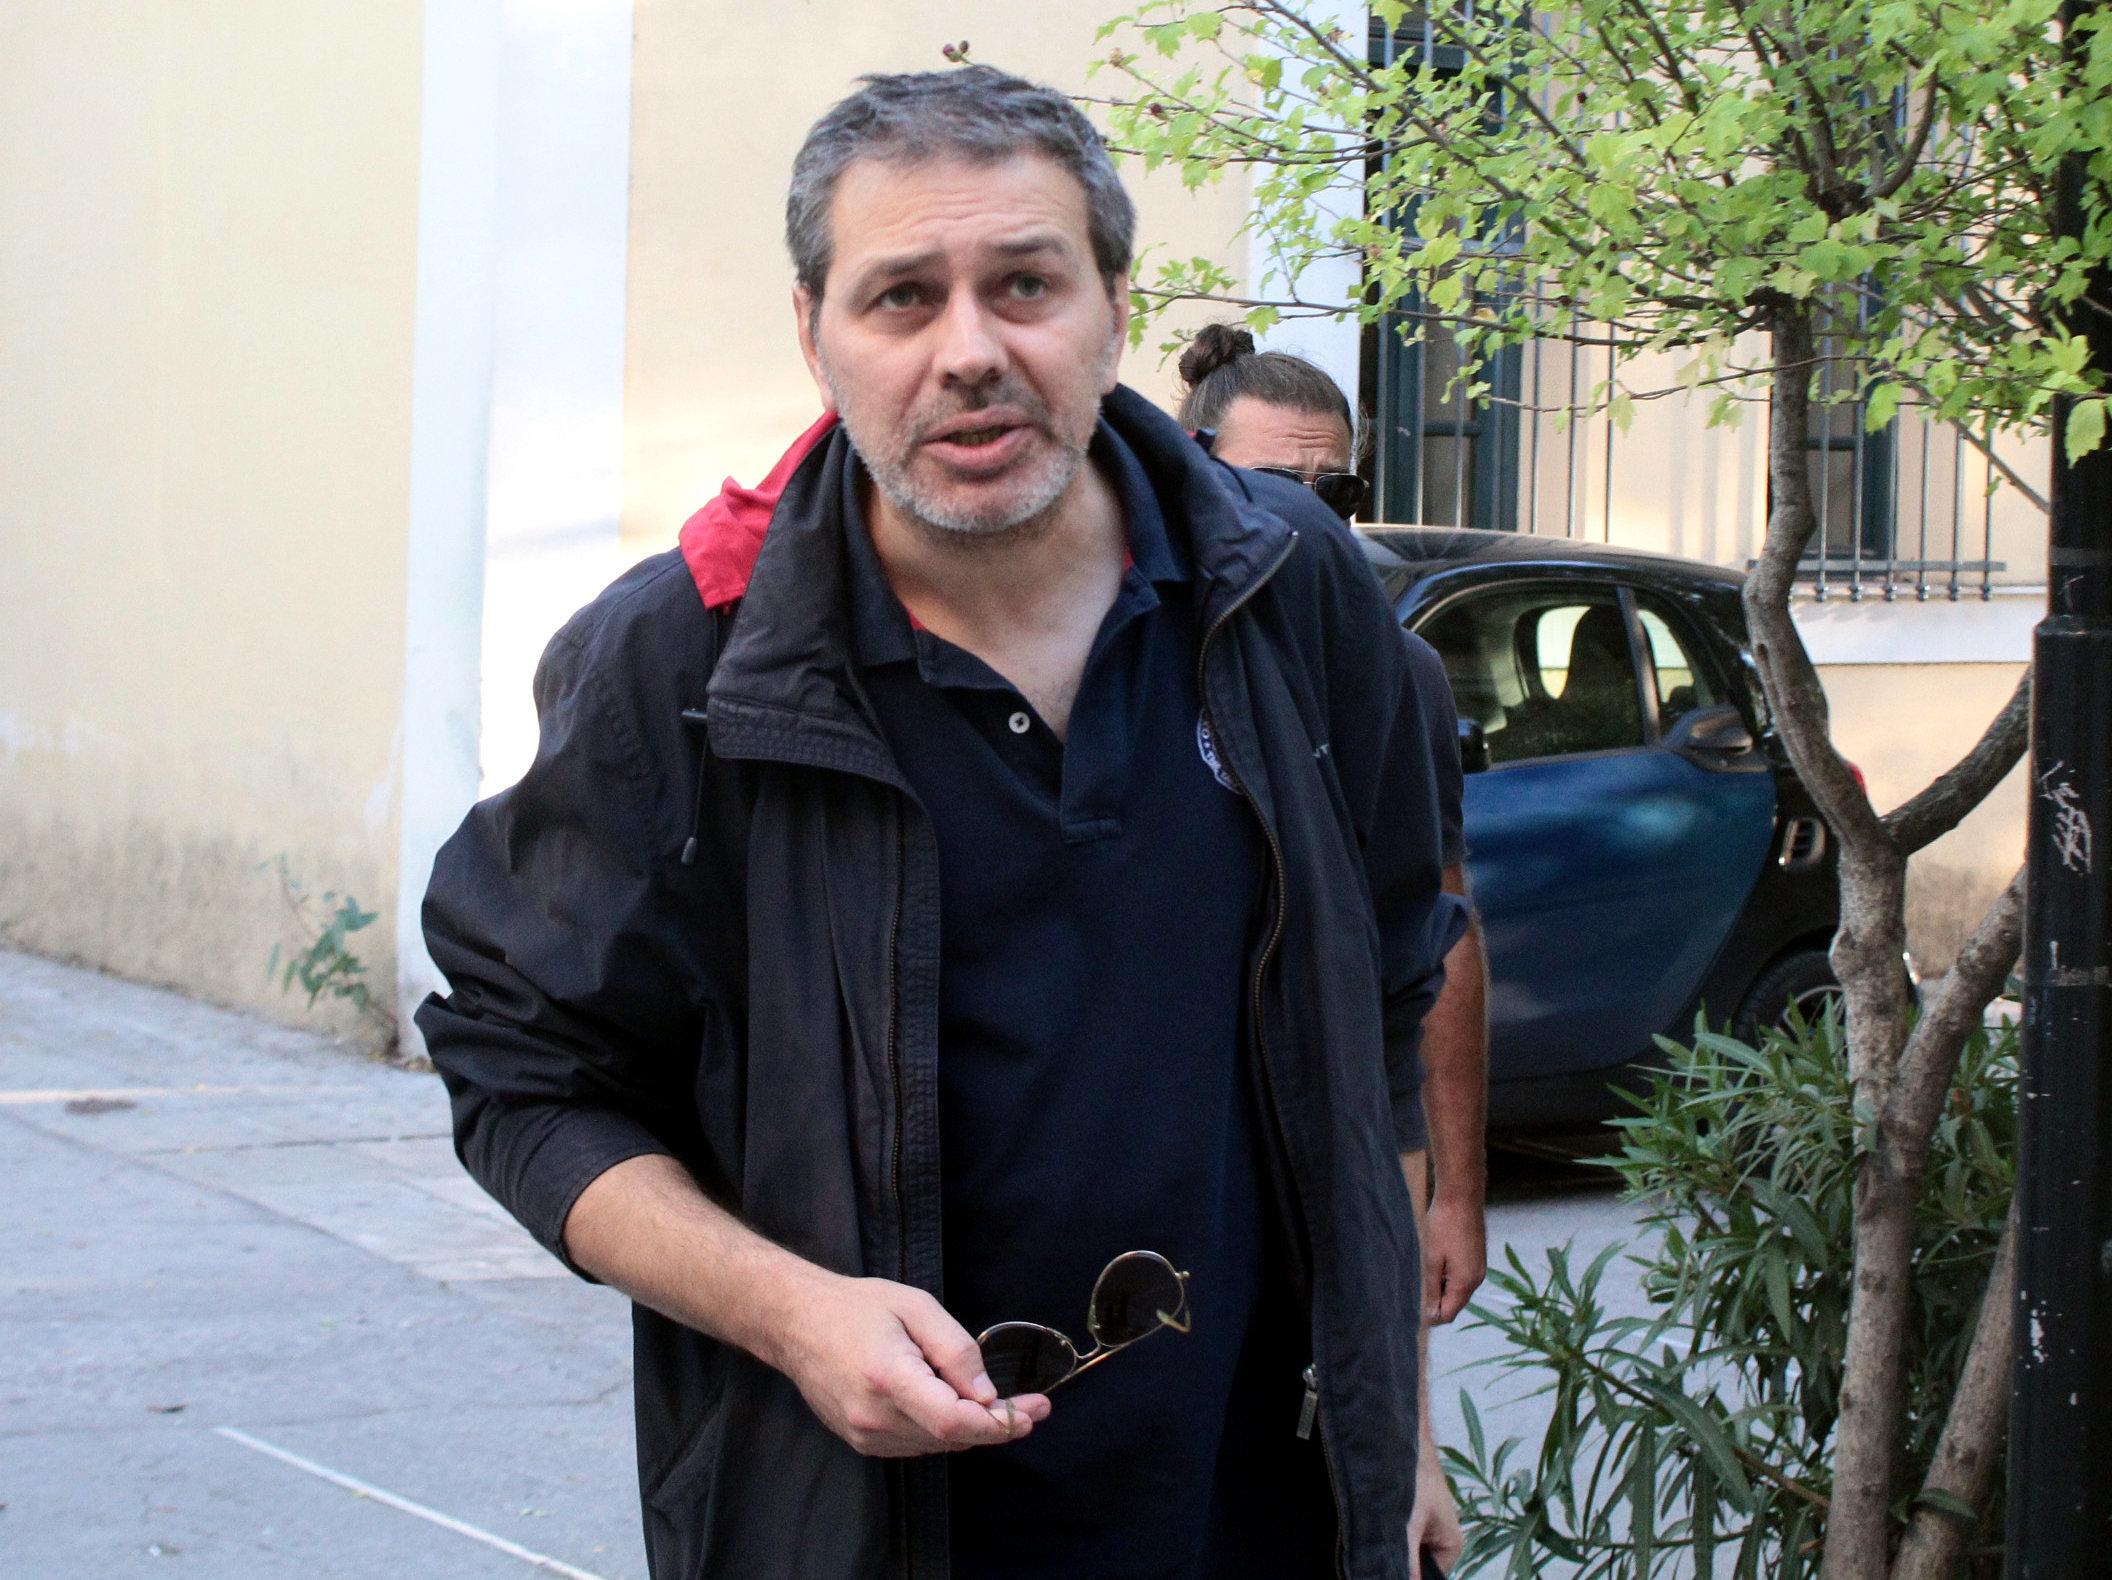 Ποινική δίωξη για πέντε πλημμελήματα σε βάρος του